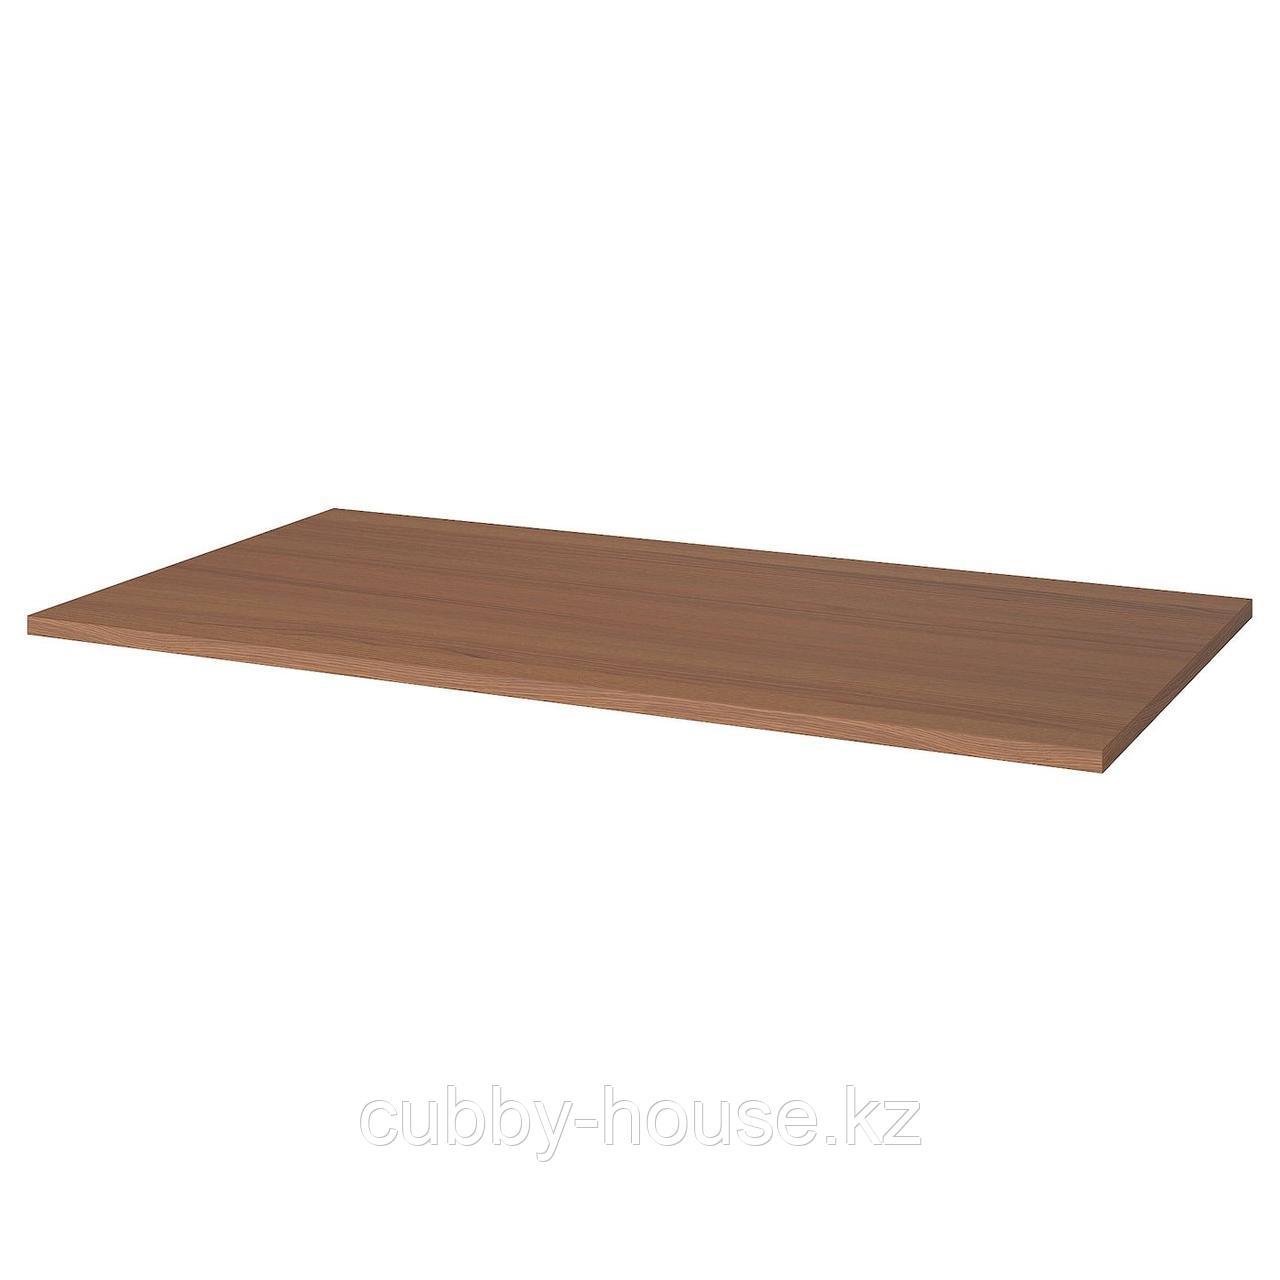 ИДОСЕН Столешница, коричневый, 160x80 см